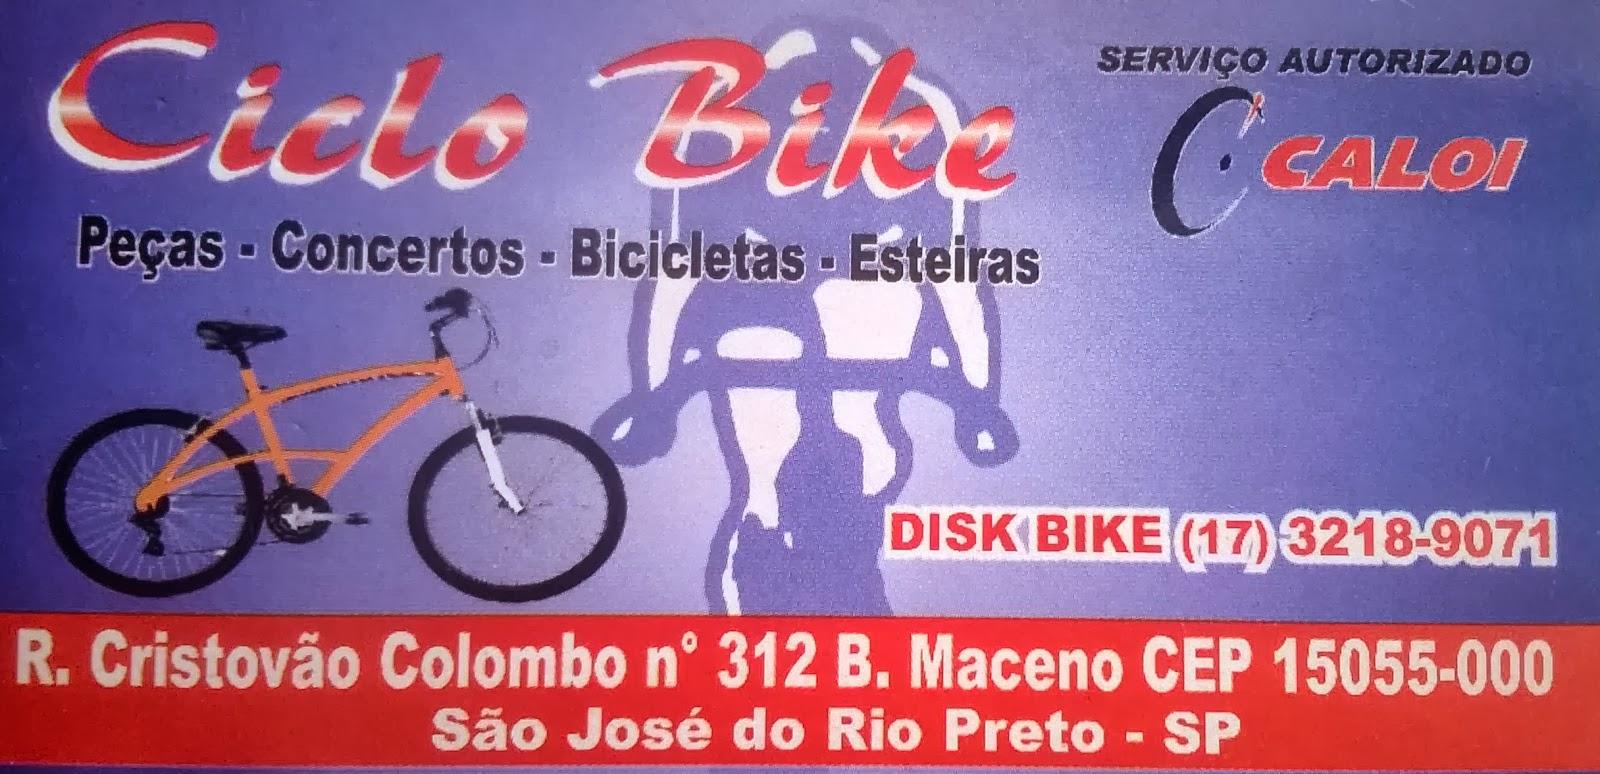 Busca Rio Preto Sao José do Rio Preto: Bicicletas e Esteiras #981C23 1600x774